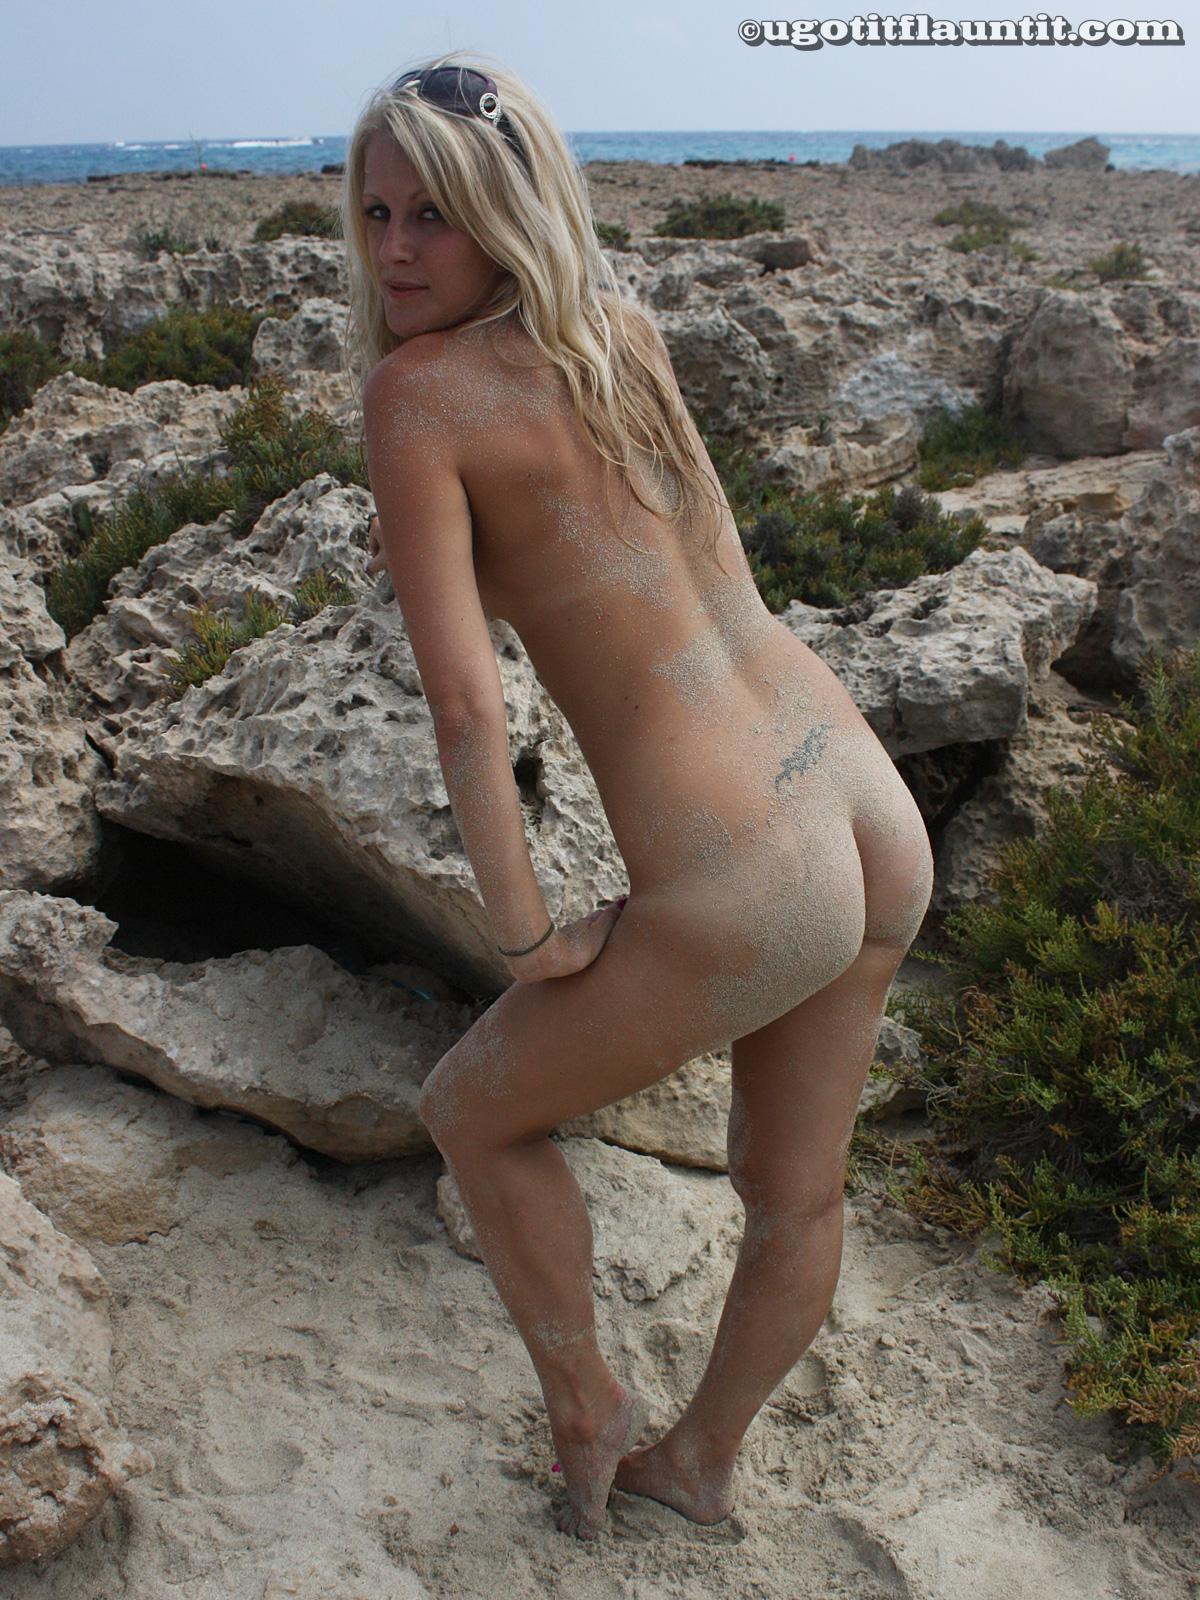 Girl get nude